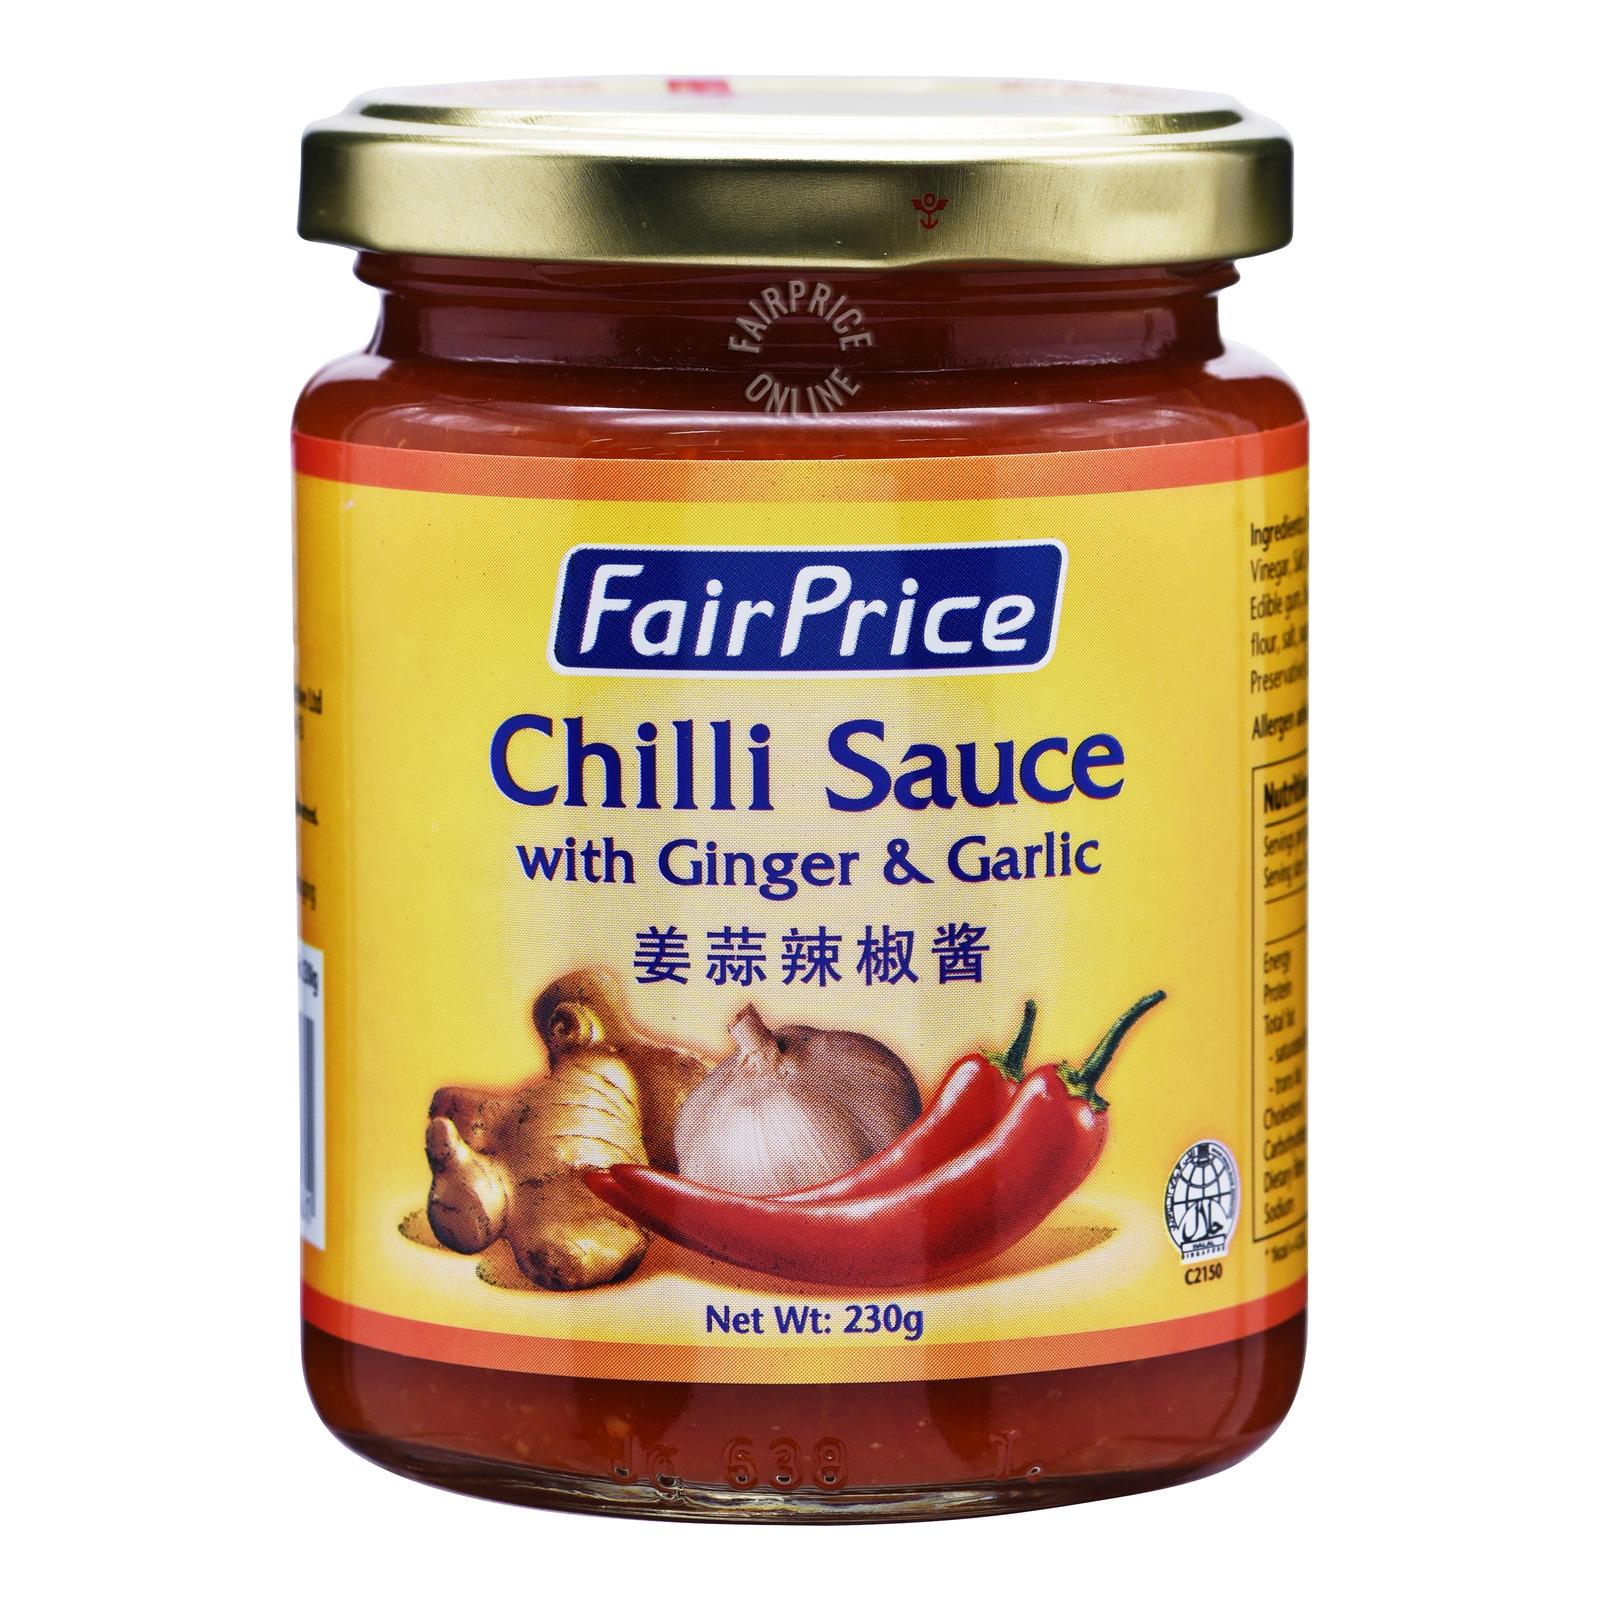 FairPrice Chili Sauce - Ginger and Garlic